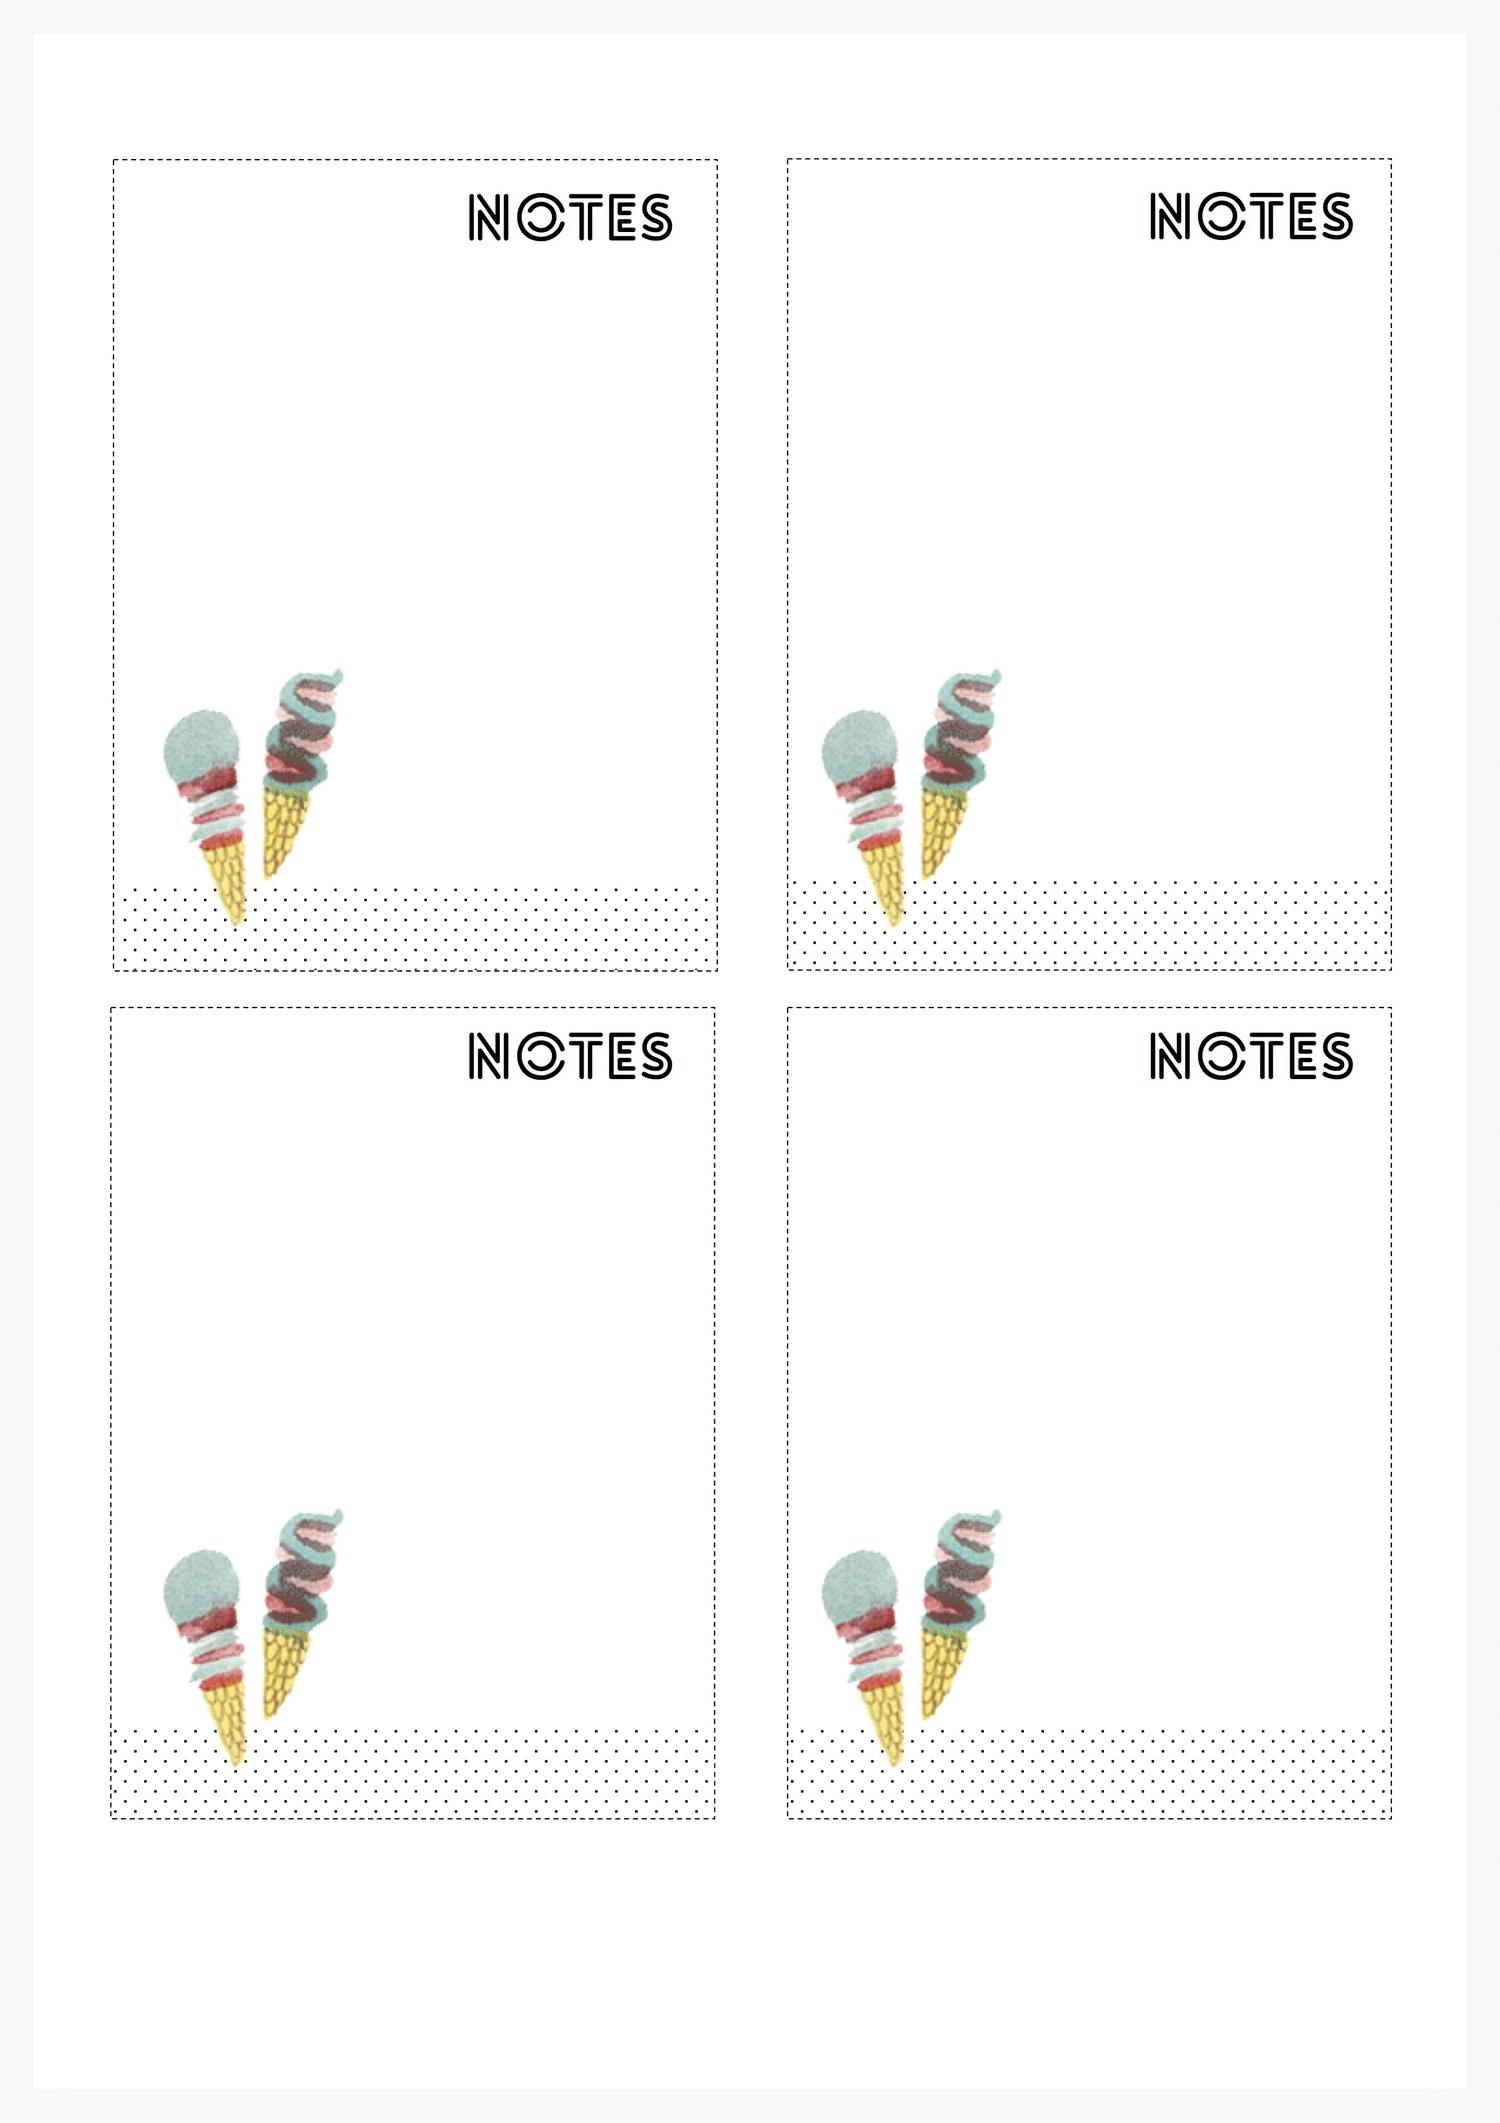 2014-06 - Notes.jpg